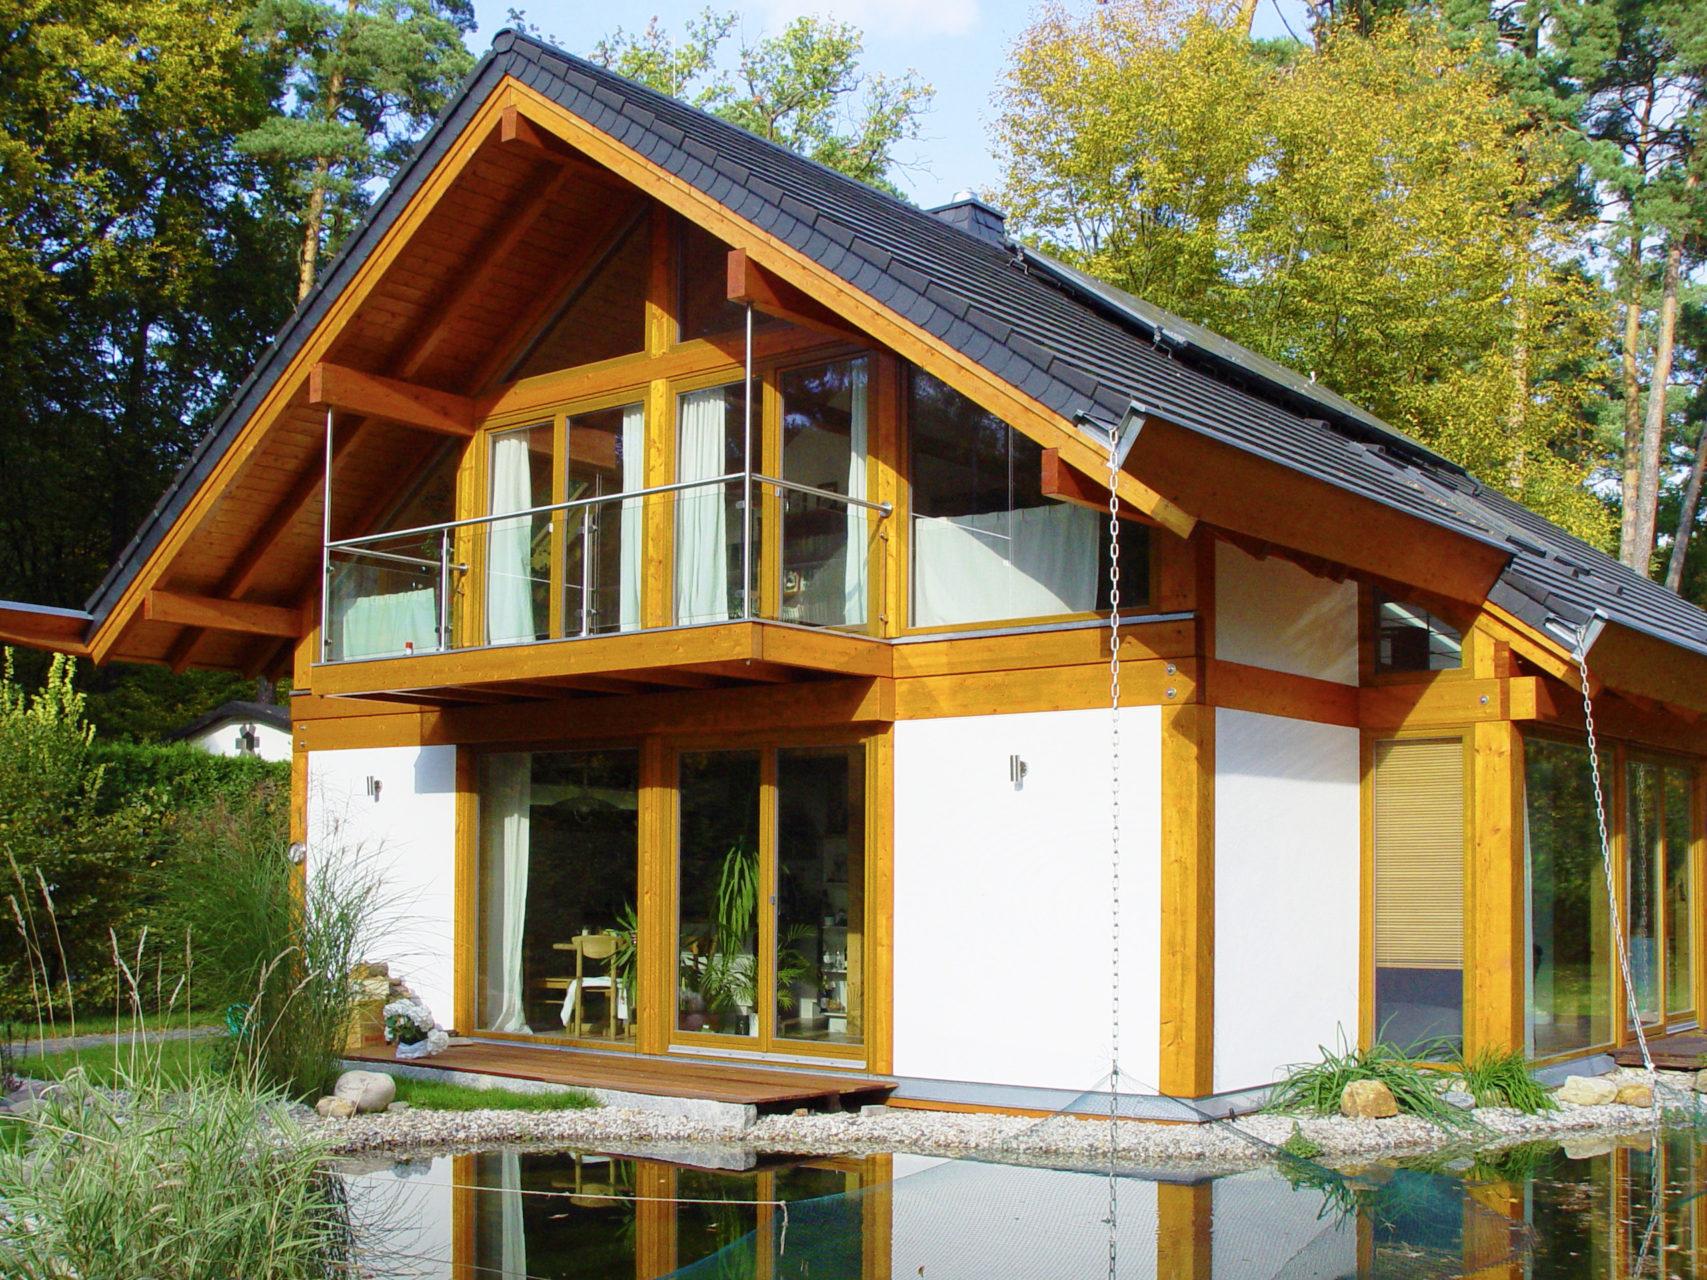 Concentus Modernes Fachwerk Holzskeletthaus Hell Braun